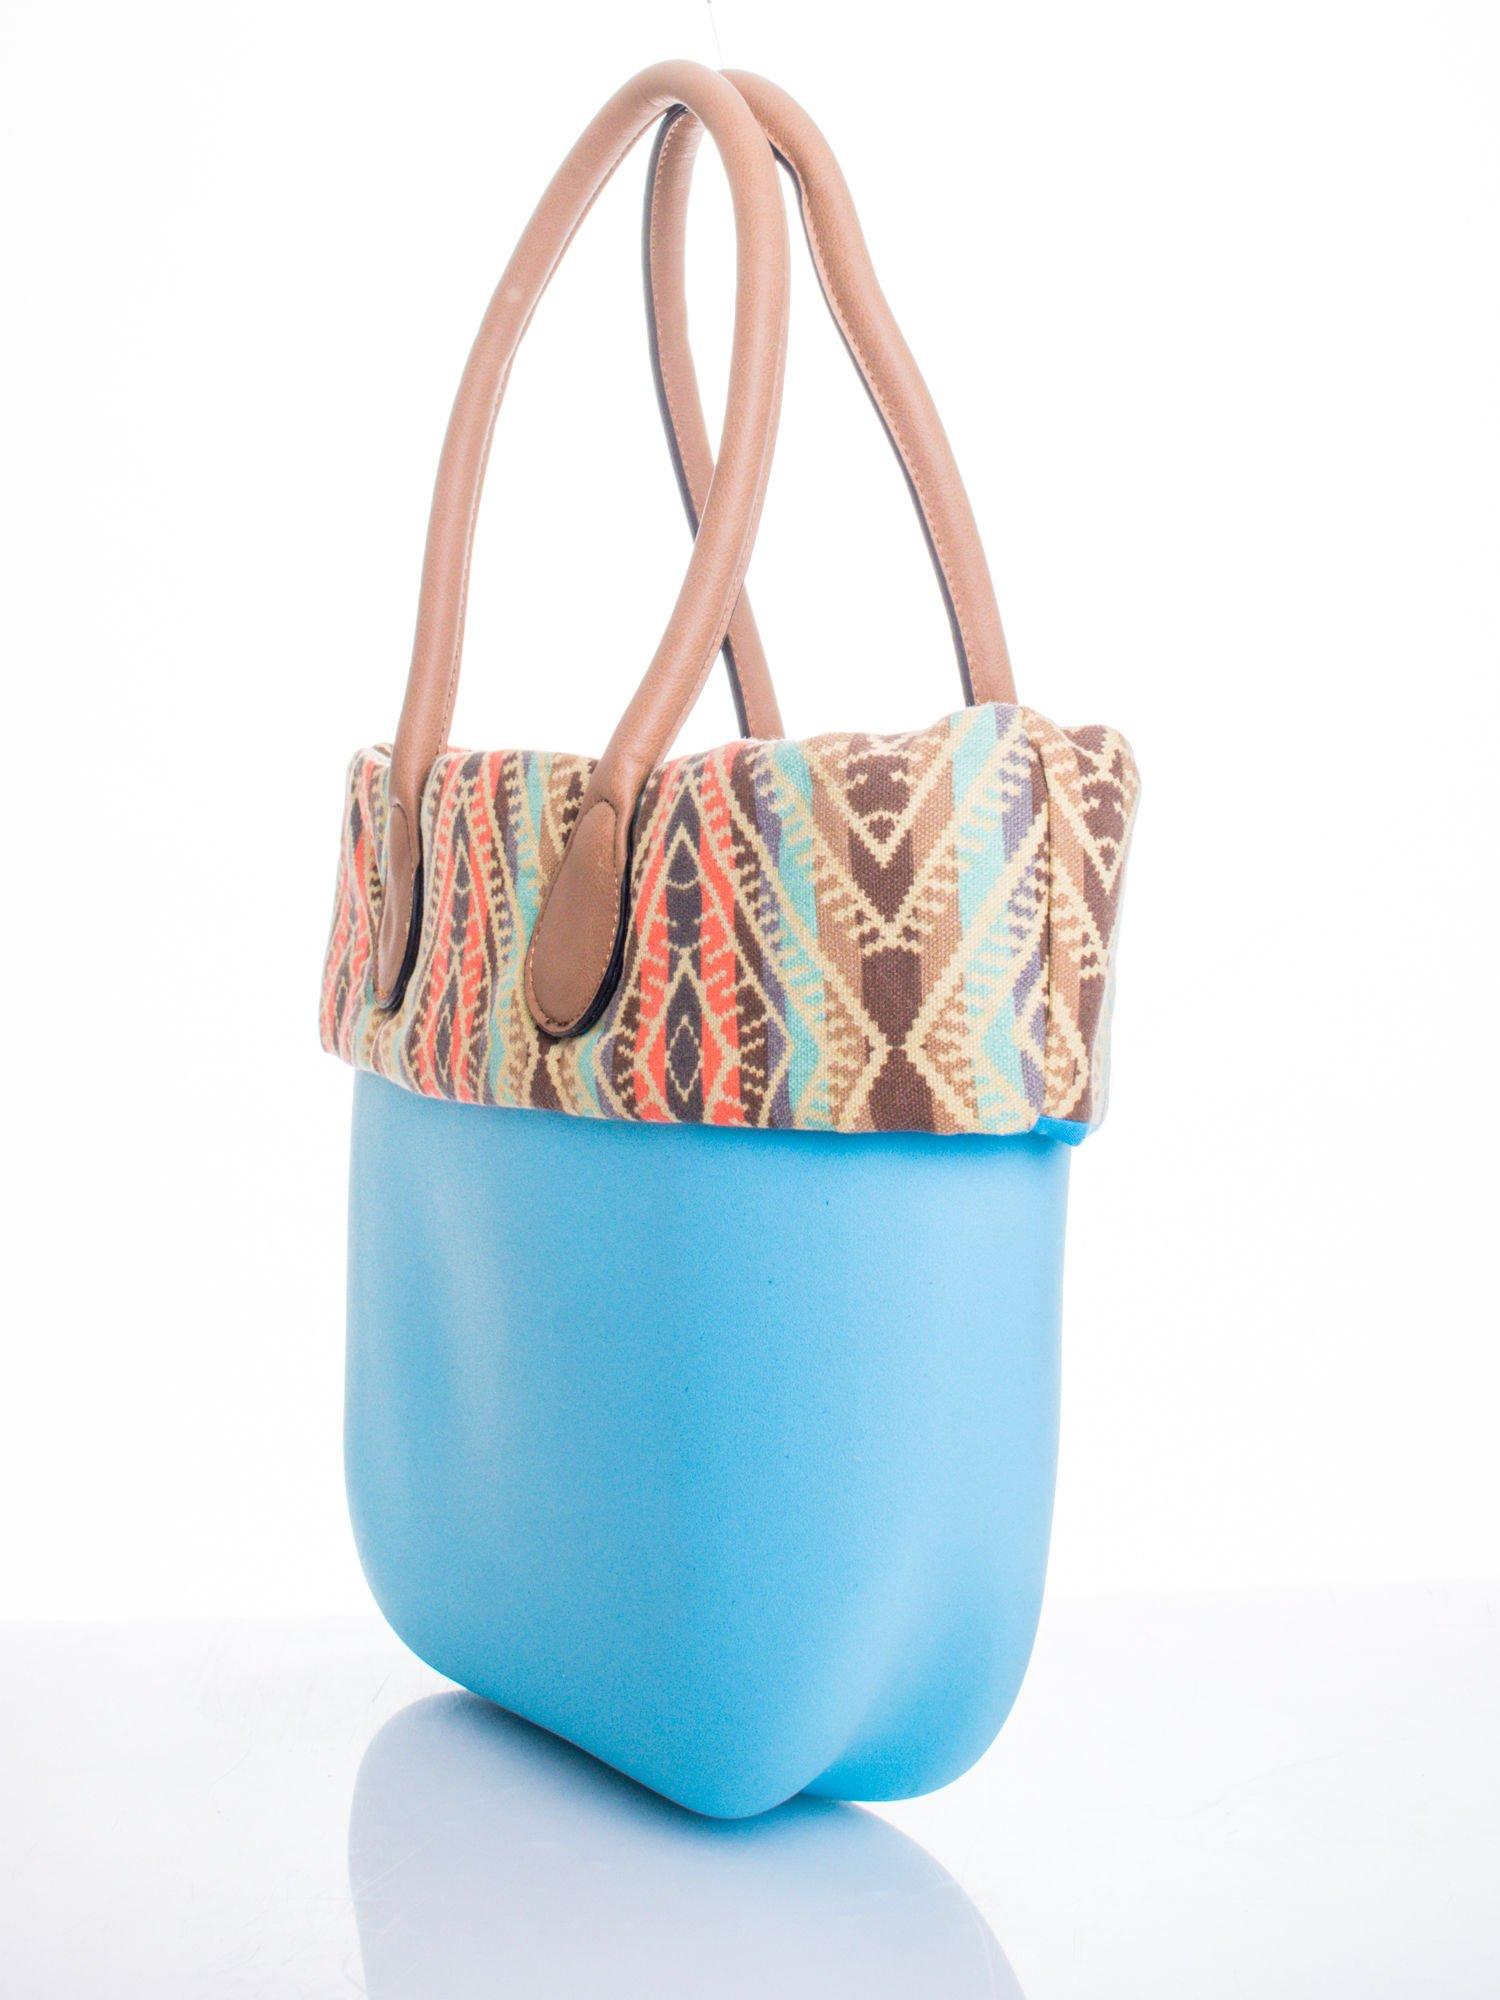 Jasnoniebieska torba gumowa z motywem azteckim                                  zdj.                                  3